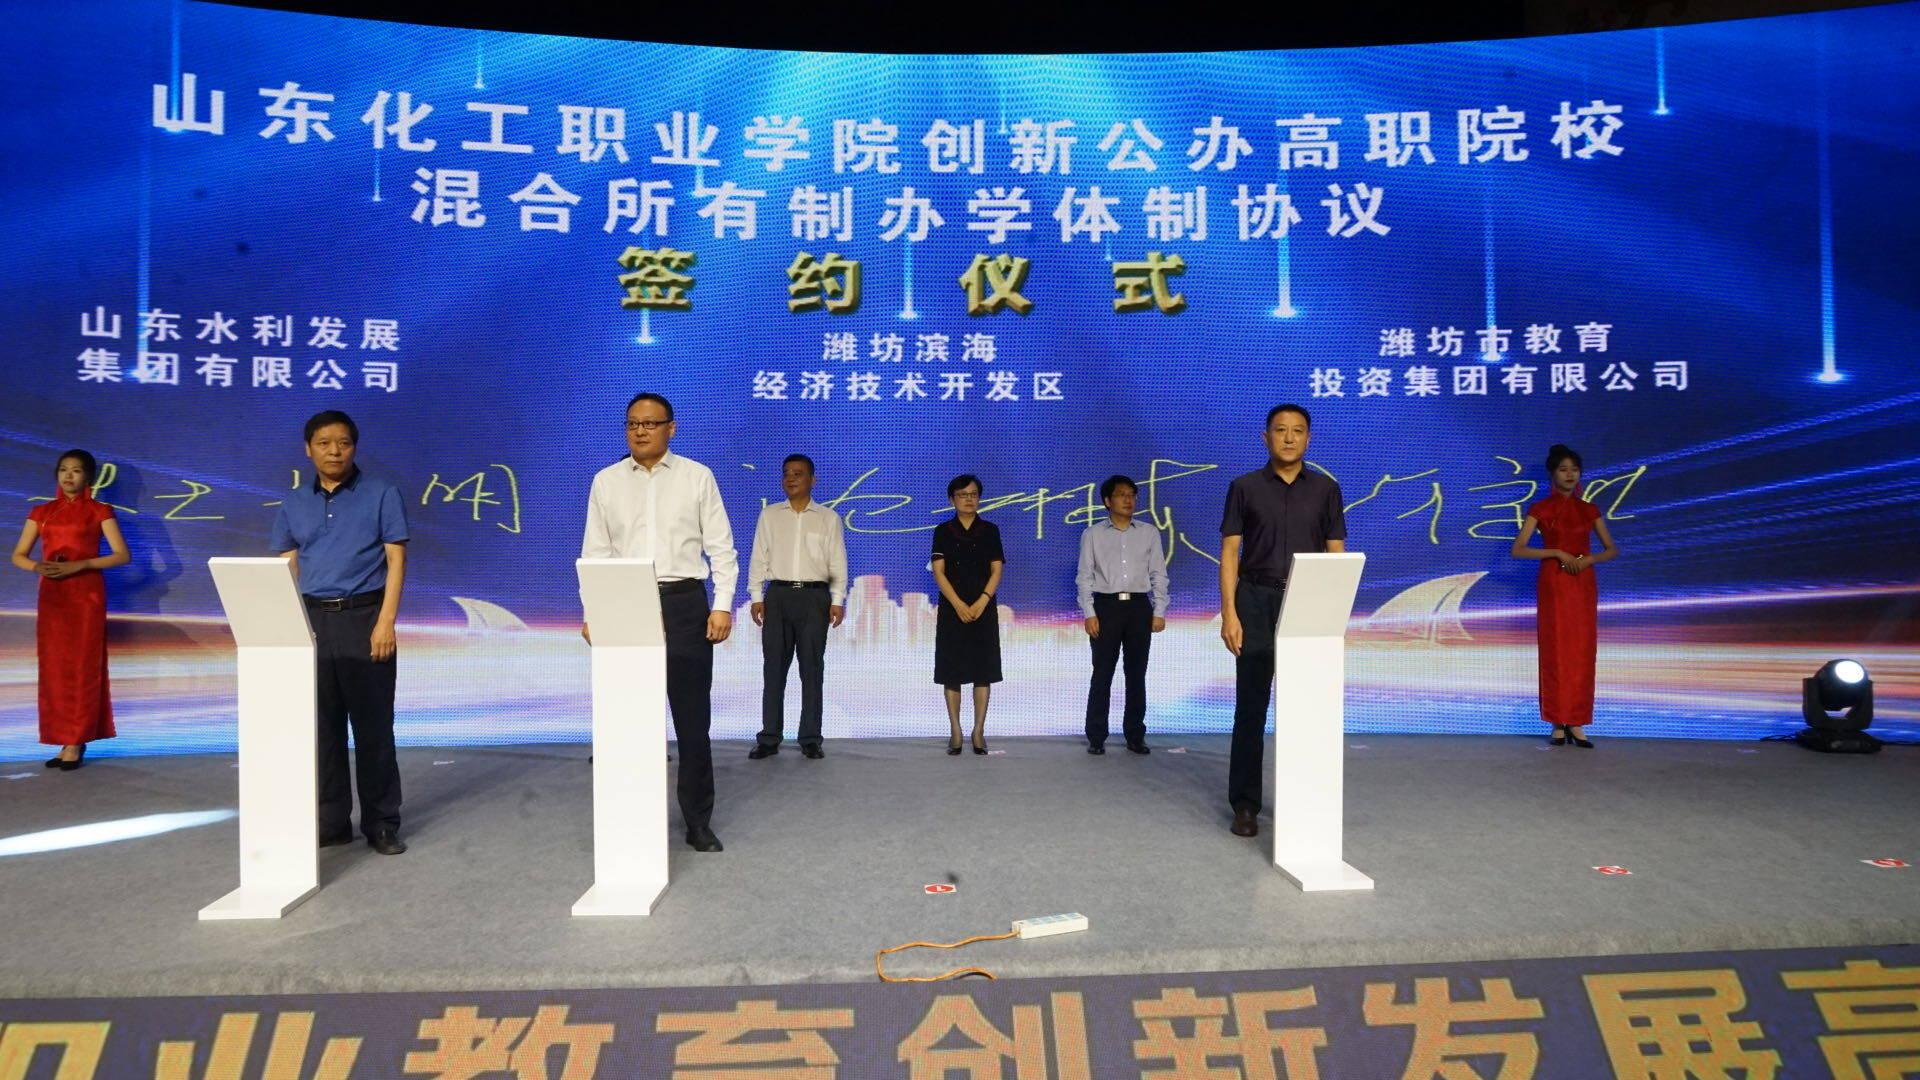 全国首个公办高职院校混合所有制办学签约仪式在潍坊启动